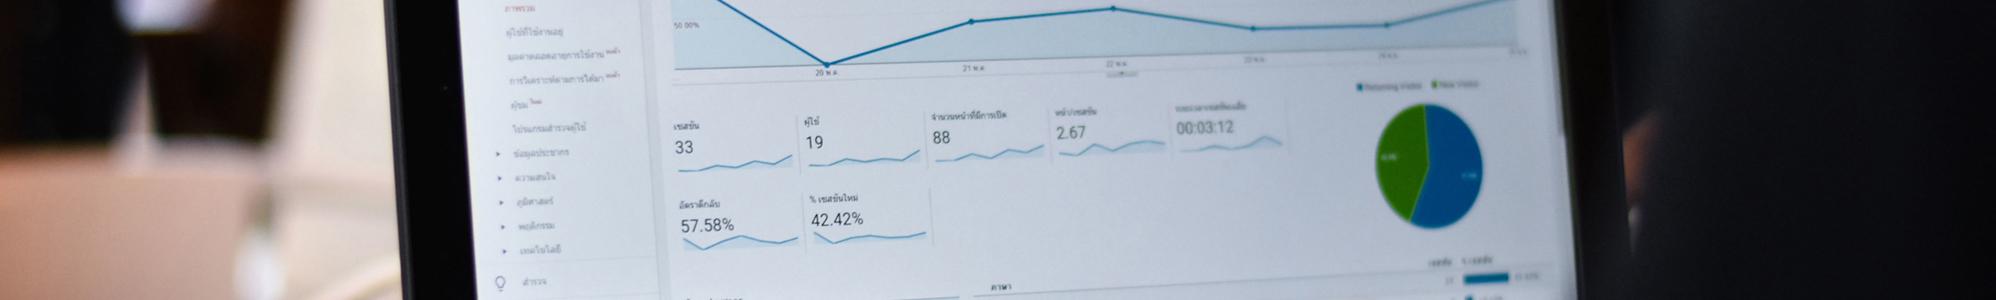 Marketing-Analytics-and-Reporting